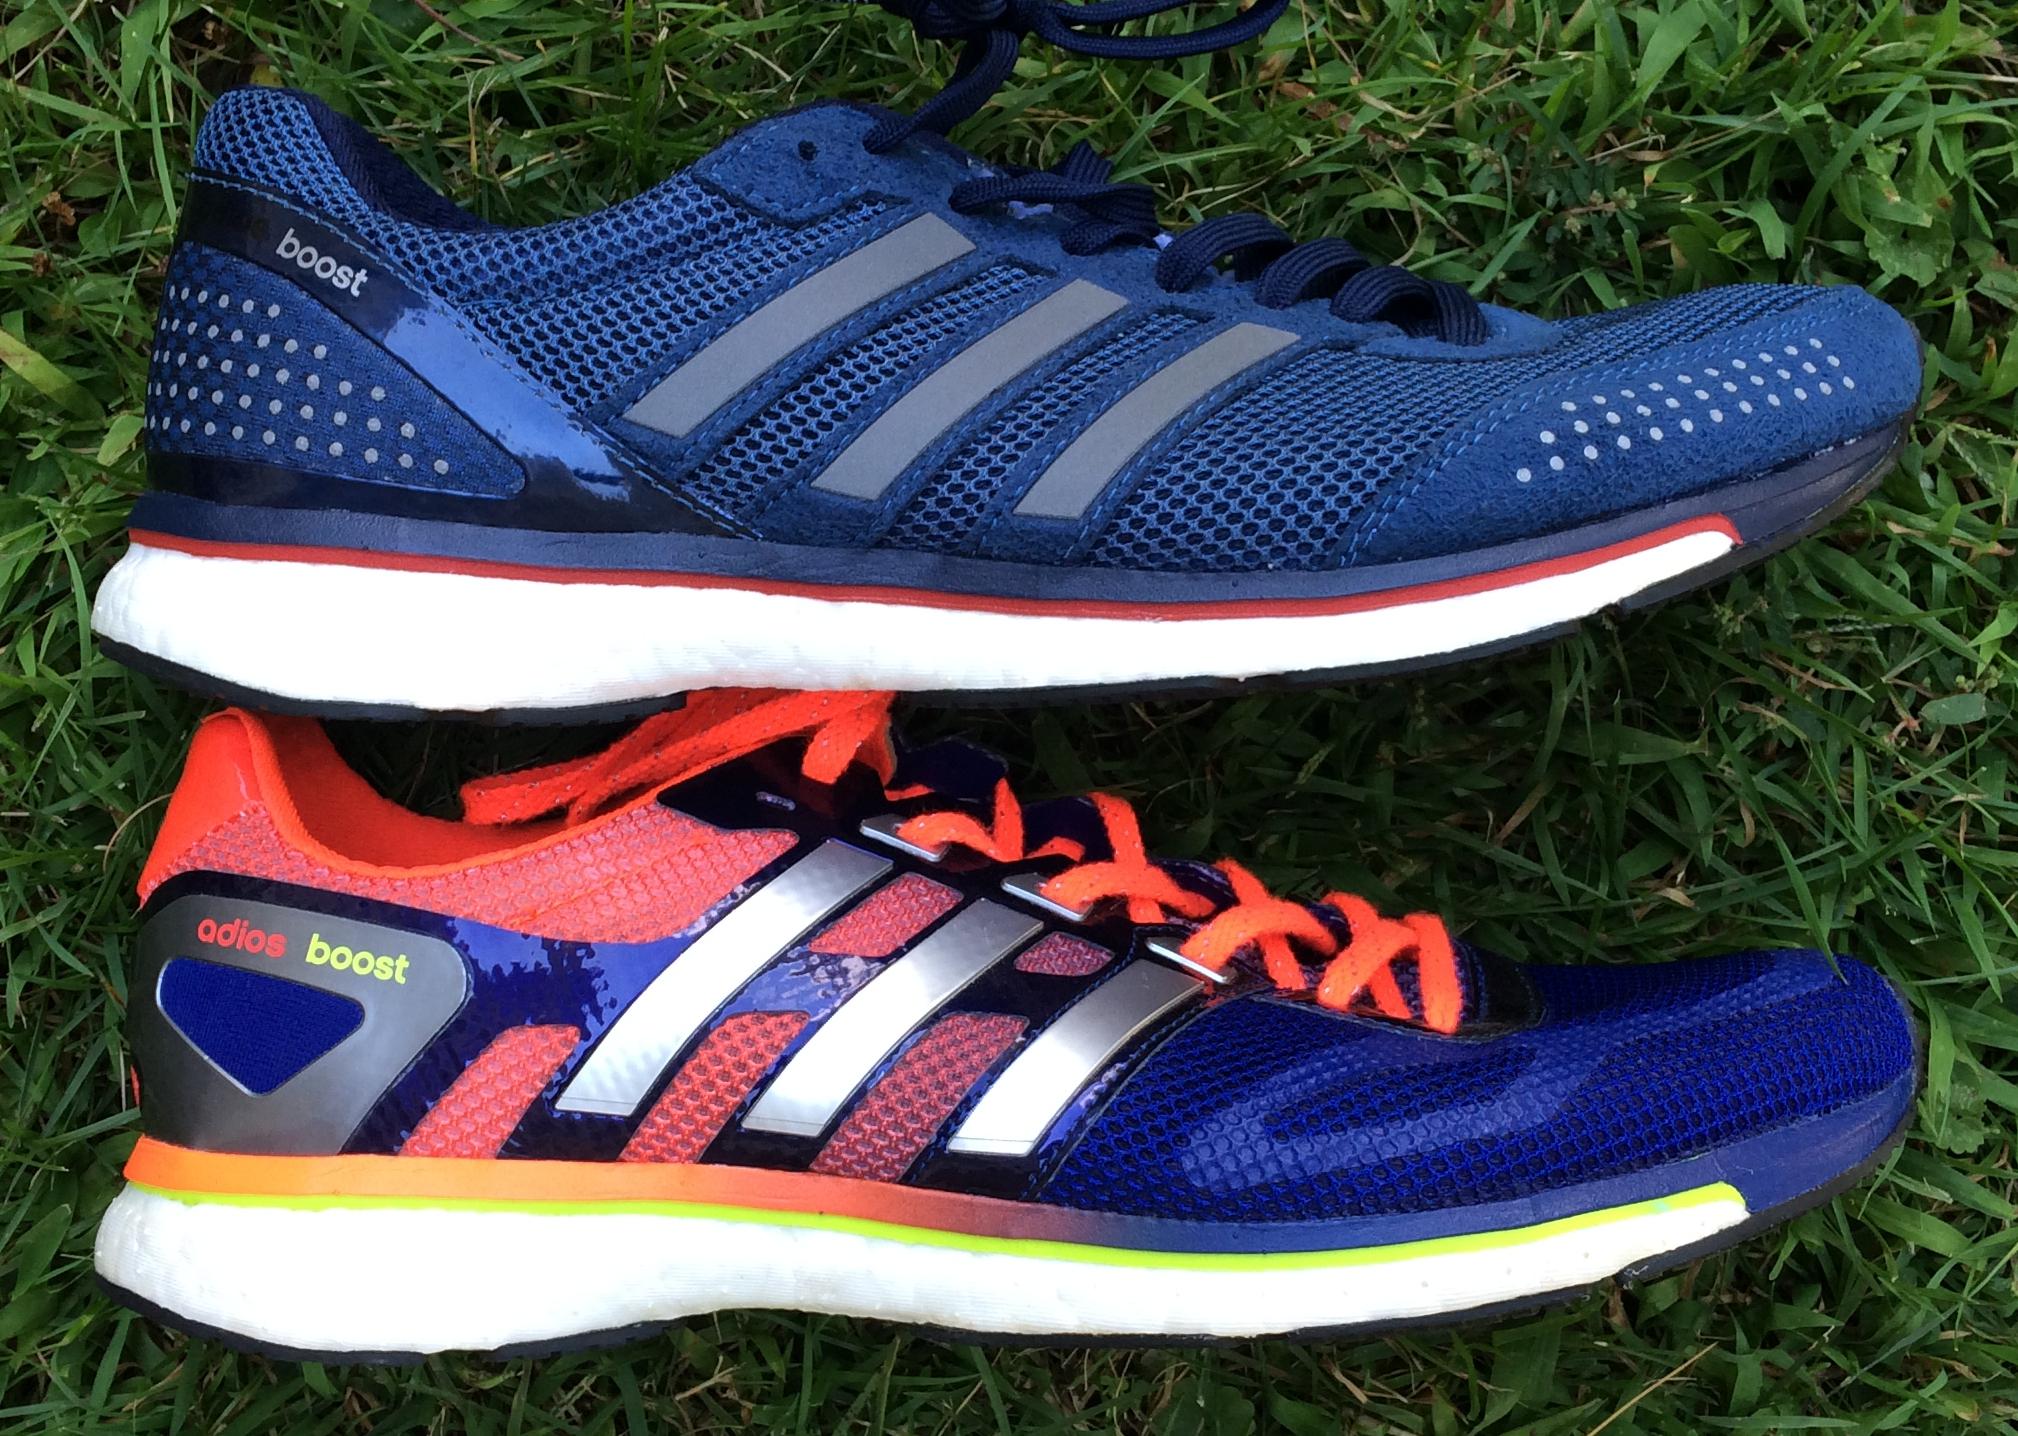 Adios Boost Review | Adidas Zeros | Adidas Adios